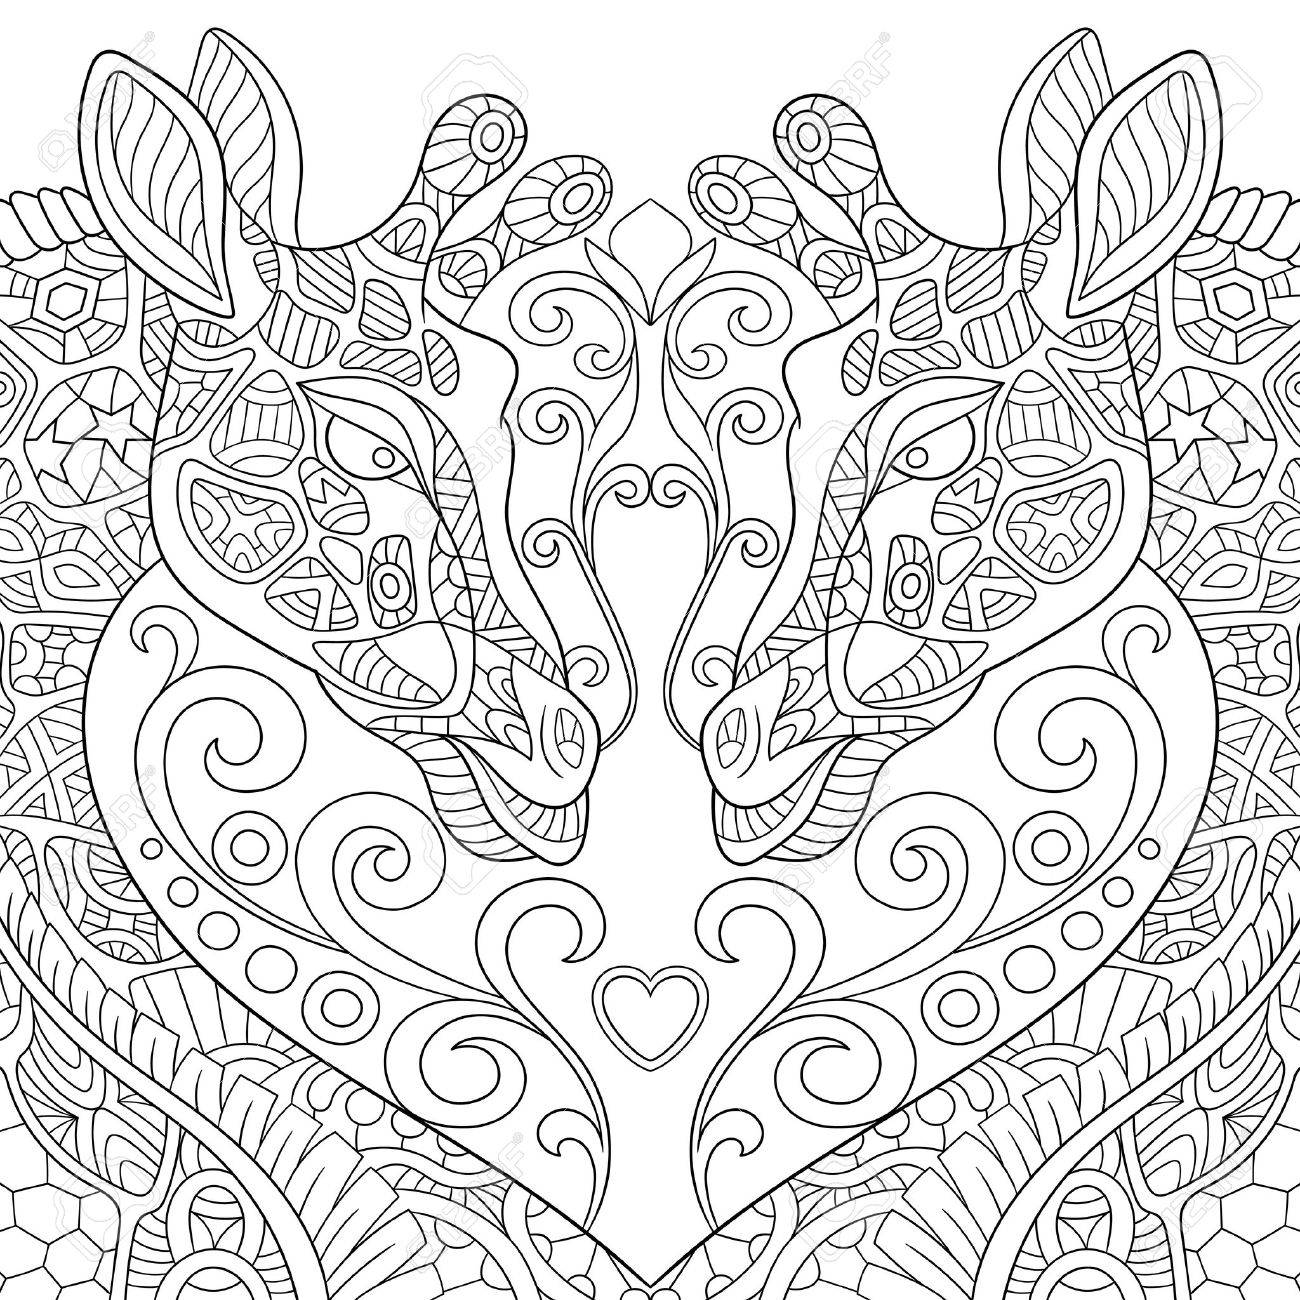 Coloriage Adulte Girafe.Stylisees Deux Dessins Animes De Belles Girafes Avec Un Coeur Esquisse Pour Antistress Adulte Coloriage Griffonnage Elements De Design Floral Pour